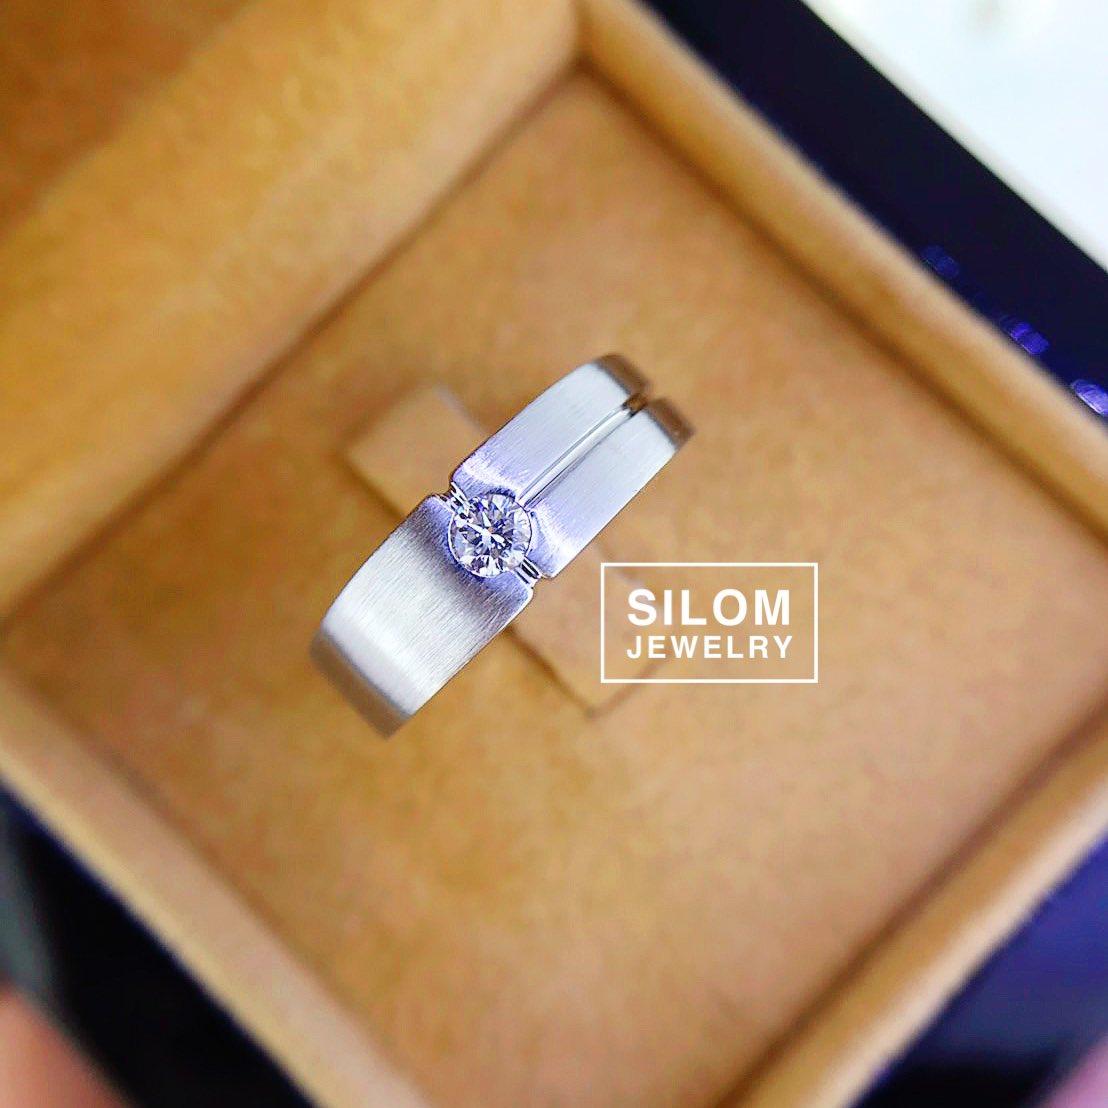 แหวนเพชรผู้ชาย ฝังเพชร 1 เม็ด  เหมาะกับผู้มองหาแหวนติดนิ้ว ใส่ติดนิ้วสบายได้ทุกวัน เรียบๆสวยๆเท่ห์ๆไม่มีเบื่อ ▫️▫️▫️▫️▫️▫️ #แหวนชาย #แหวนเพชรชาย #แหวนเพชร #เพชร #แหวนหมั้น #แหวนแต่งงาน #แหวนปอกมีด #diamond #ring  #weddingring #whitegold  #silomjewelry